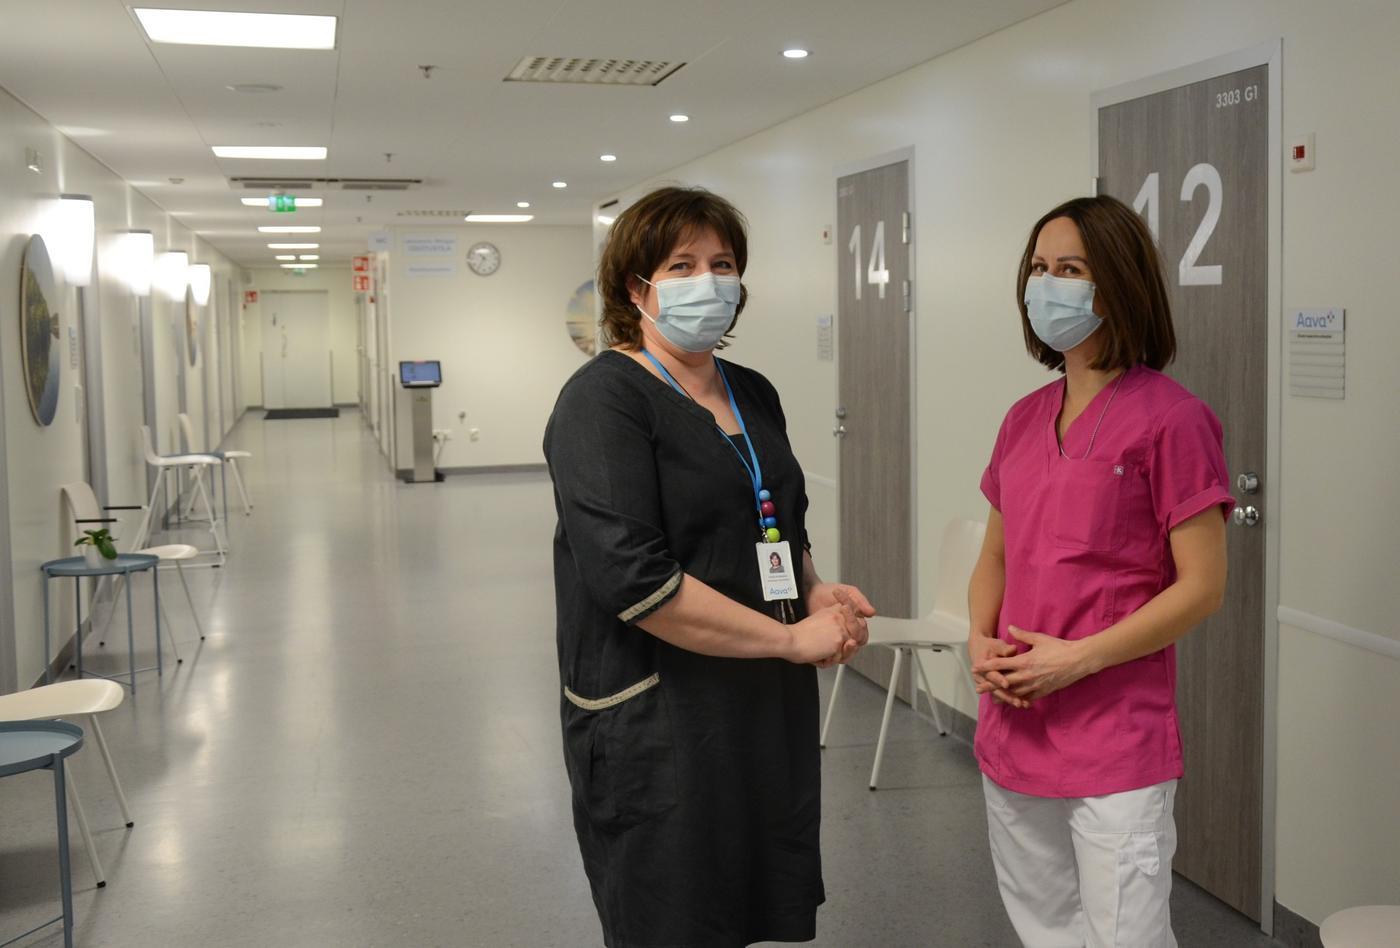 två kvinnor står i en korridor, de bär munskydd och den ena är sjukskötarklädd